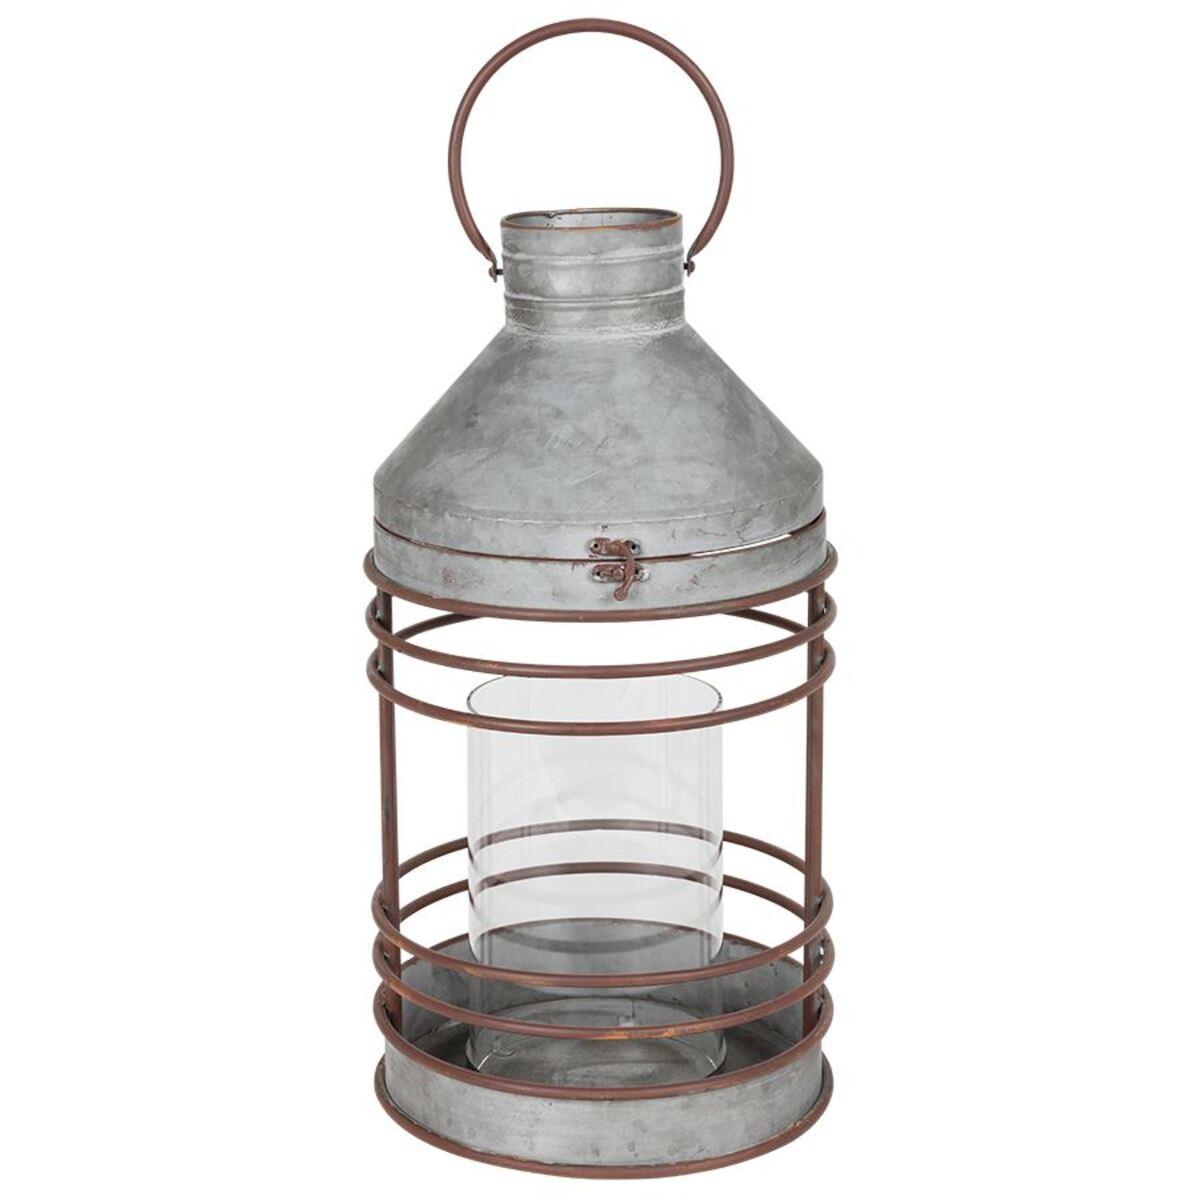 Bild 2 von Outdoor-Laterne aus Zink mit Glaseinsatz 51,5cm